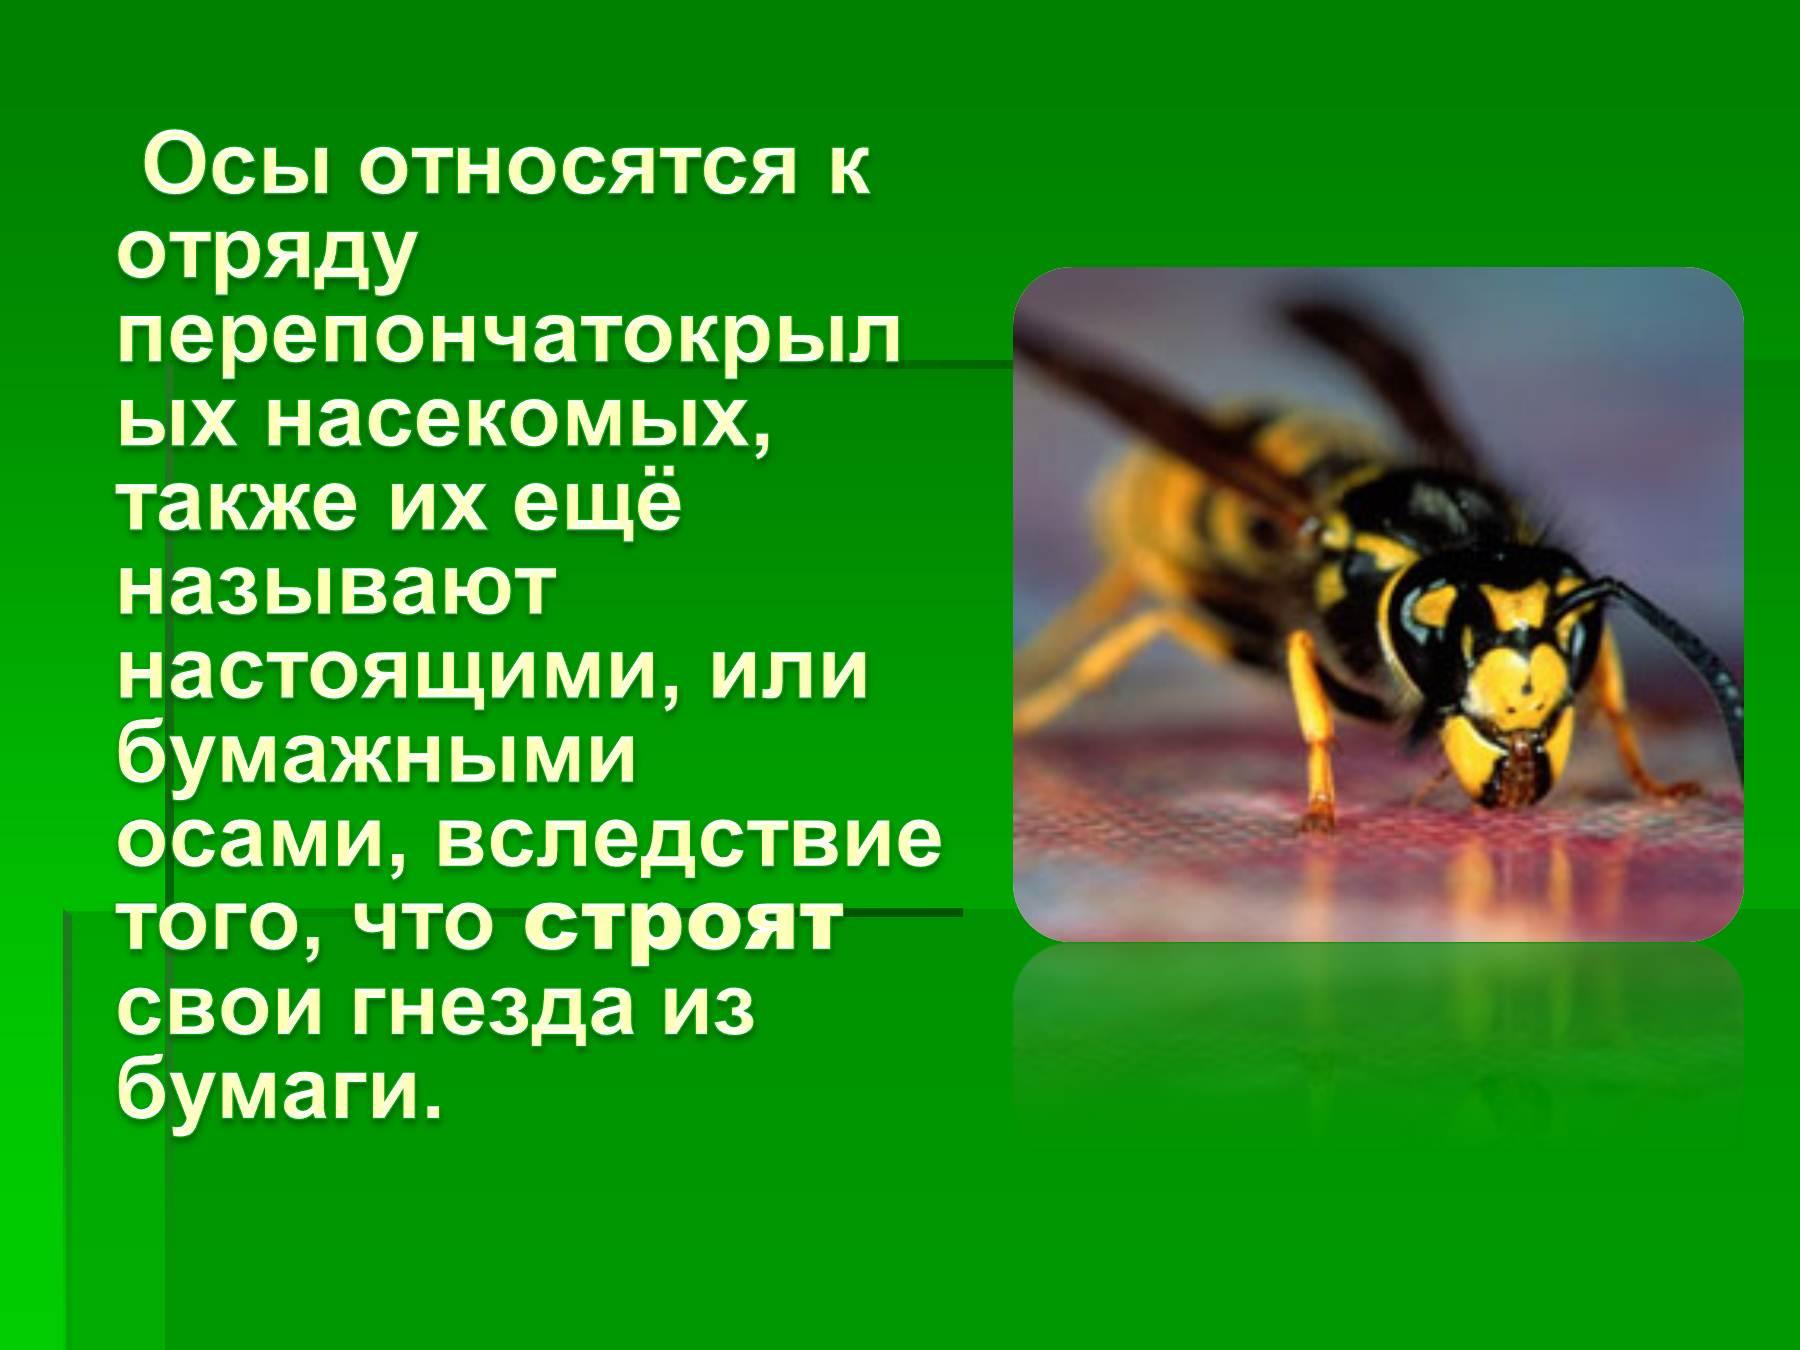 Чем отличается пчела от осы: фото примеры, укусы, внешние признаки